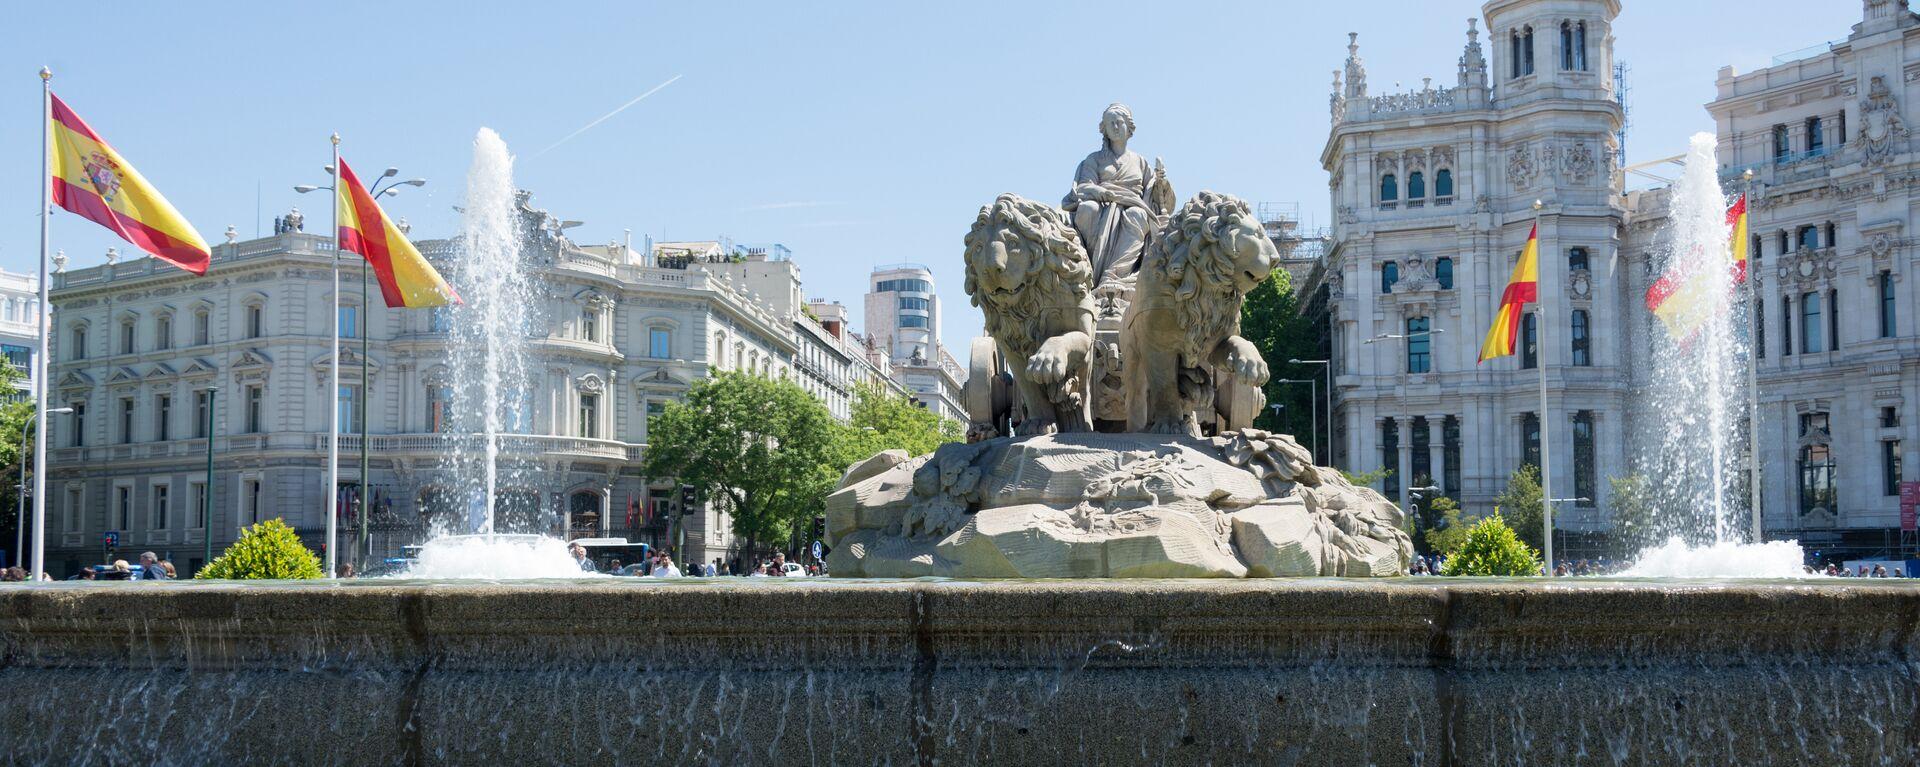 Madrid, la capital de España - Sputnik Mundo, 1920, 19.09.2019